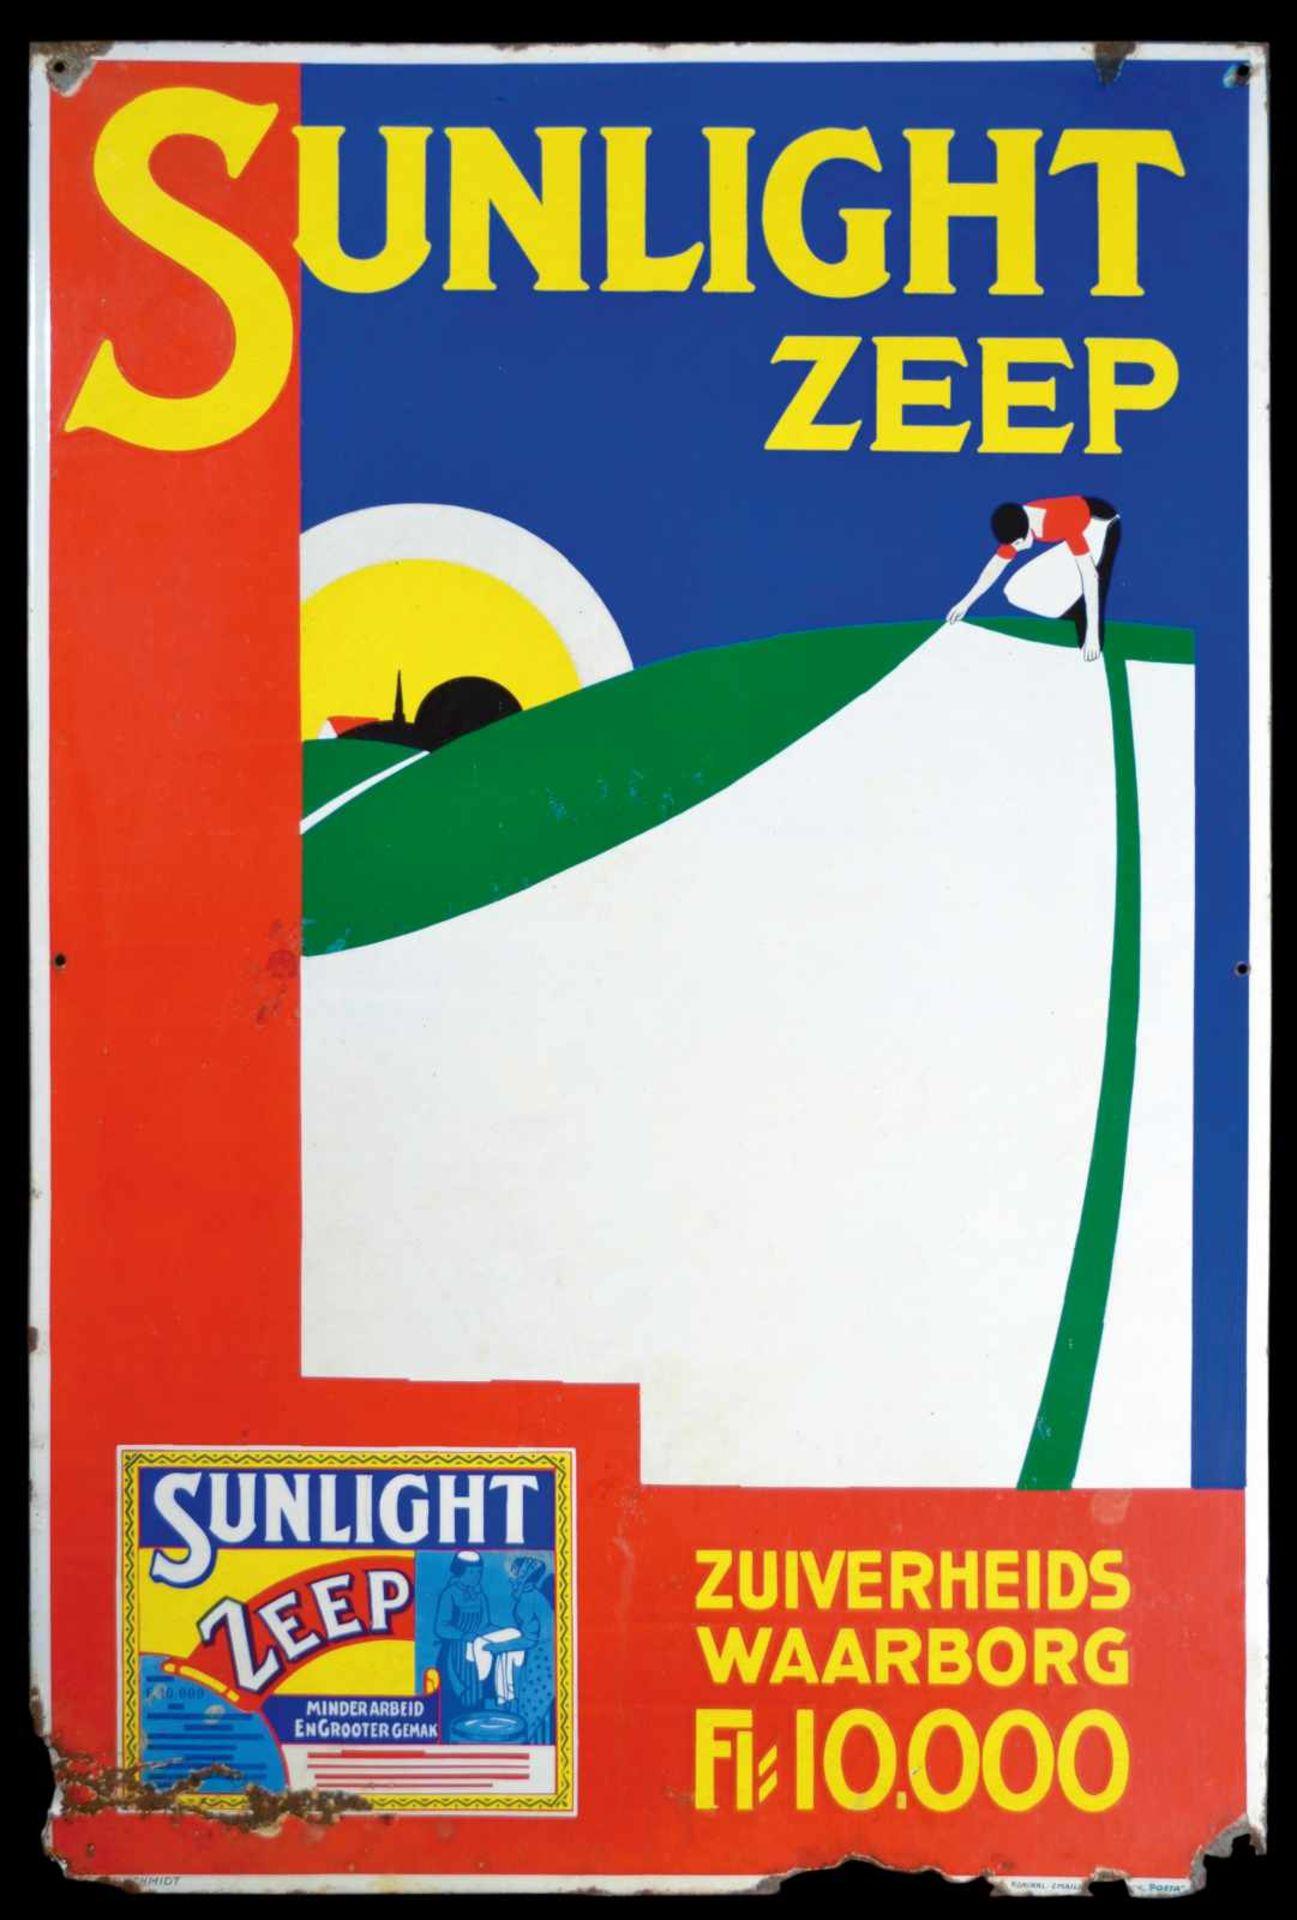 SUNLIGHT ZEEP (3-4) Emailschild, abgekantet, schabloniert und lithographiert, Niederlande um 1930,